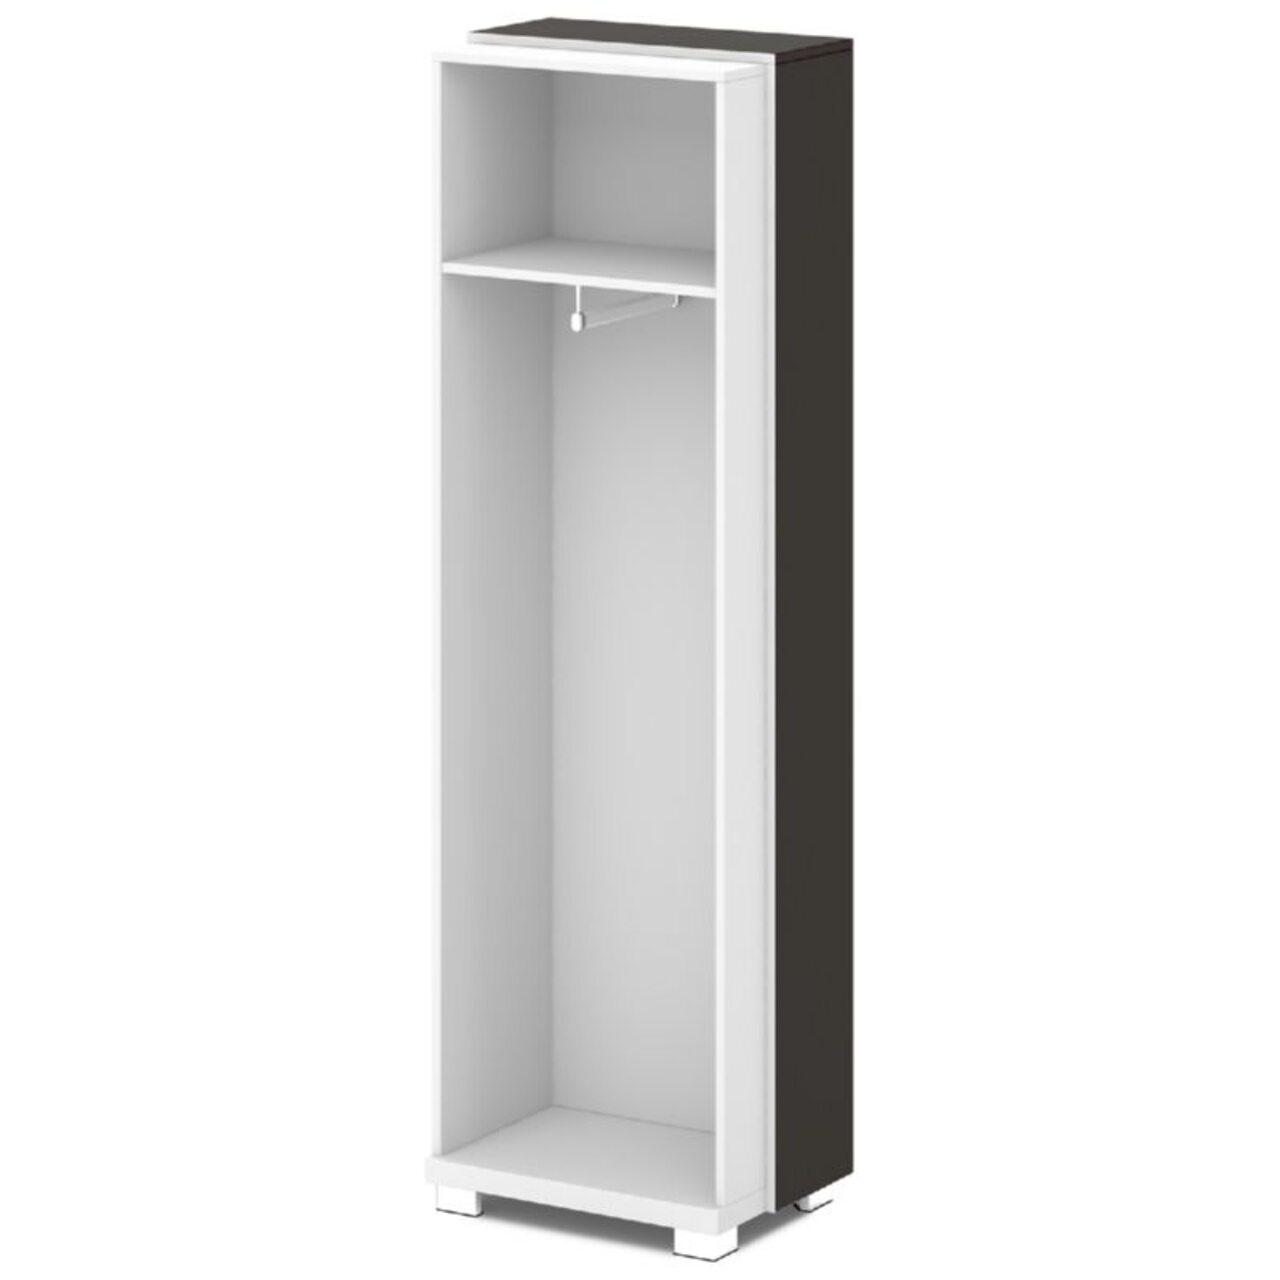 Каркас шкафа для одежды отдельностоящий  GRACE 64x44x205 - фото 5